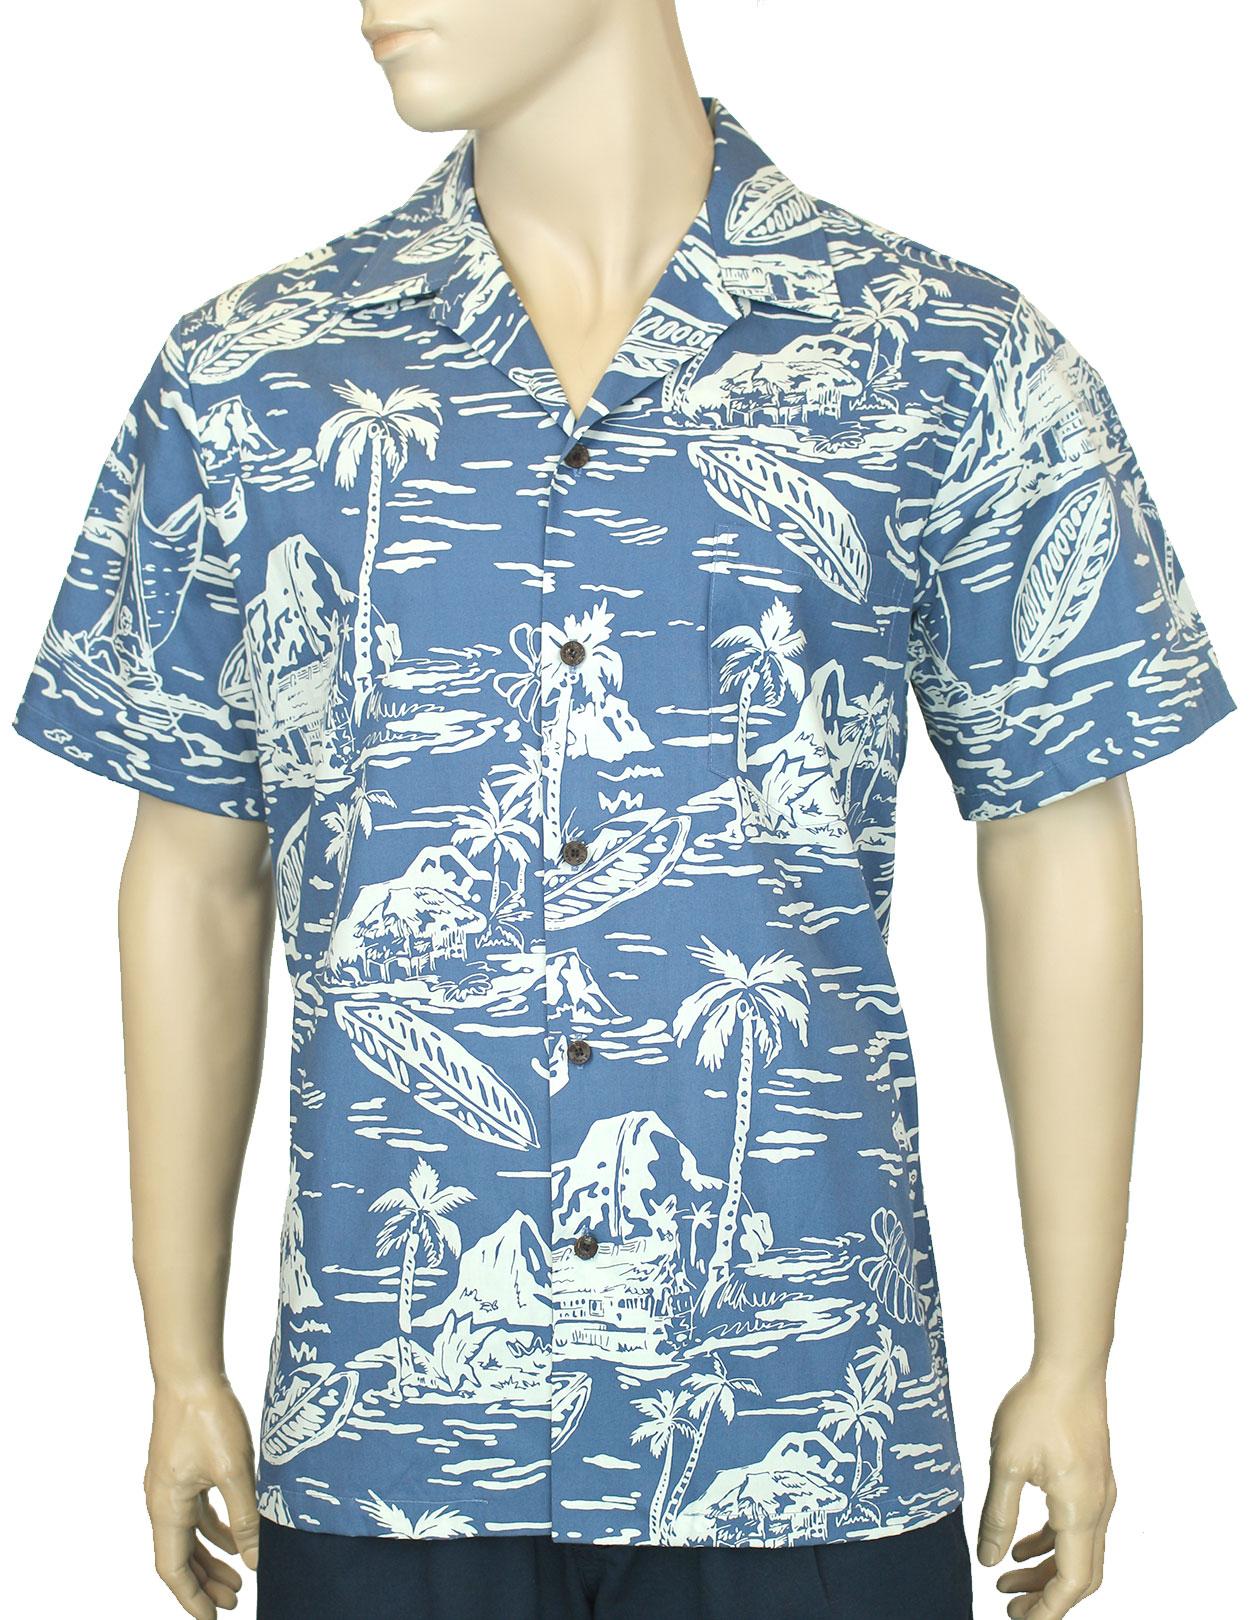 Pacific Legend Boys Hawaiian Shirts Island Maps